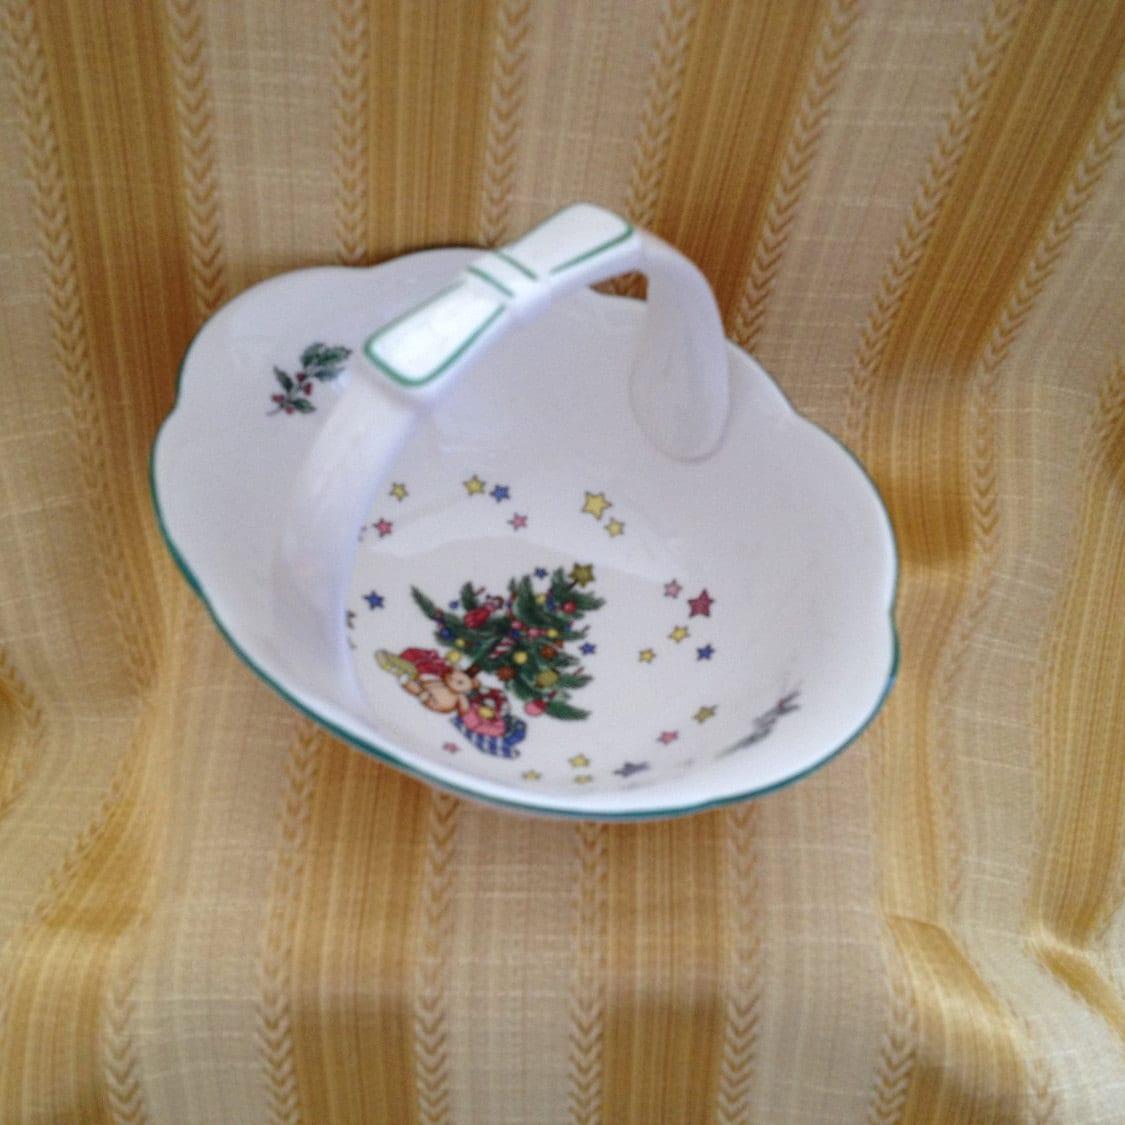 Nikko Christmas Tree Porcelain Basket Happy Holidays handled